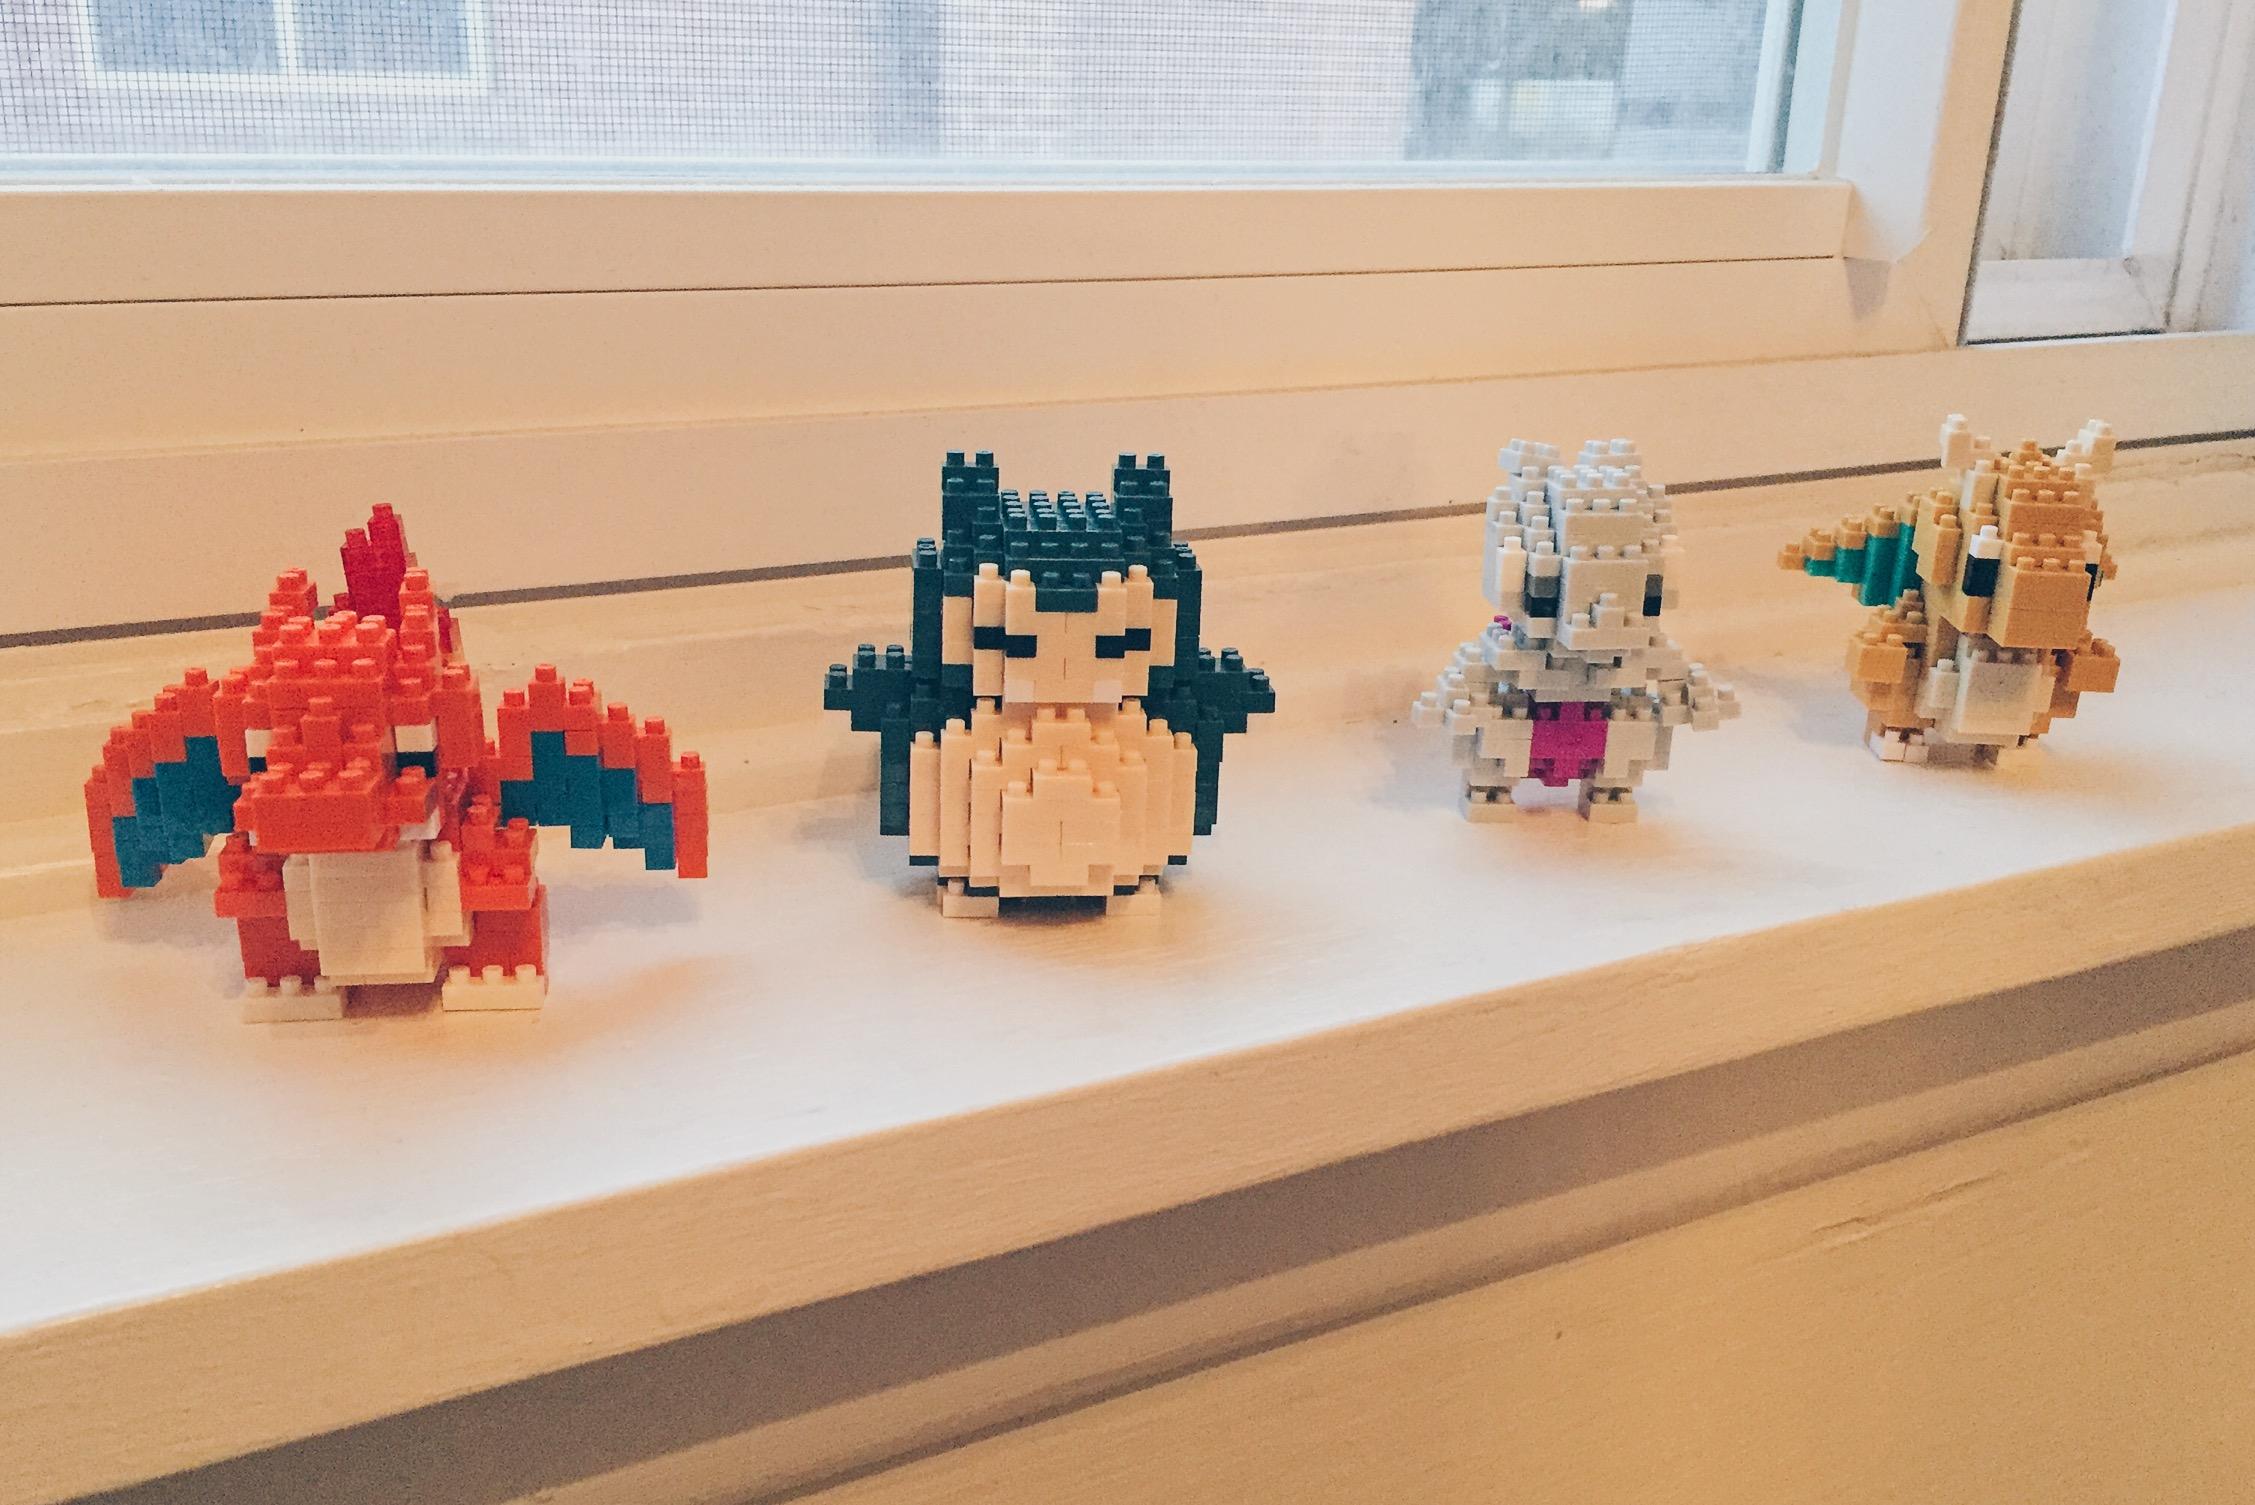 Pokémon Nanoblocks - Snorlax. Dragonite, Mewtwo, Charizard - helloteri